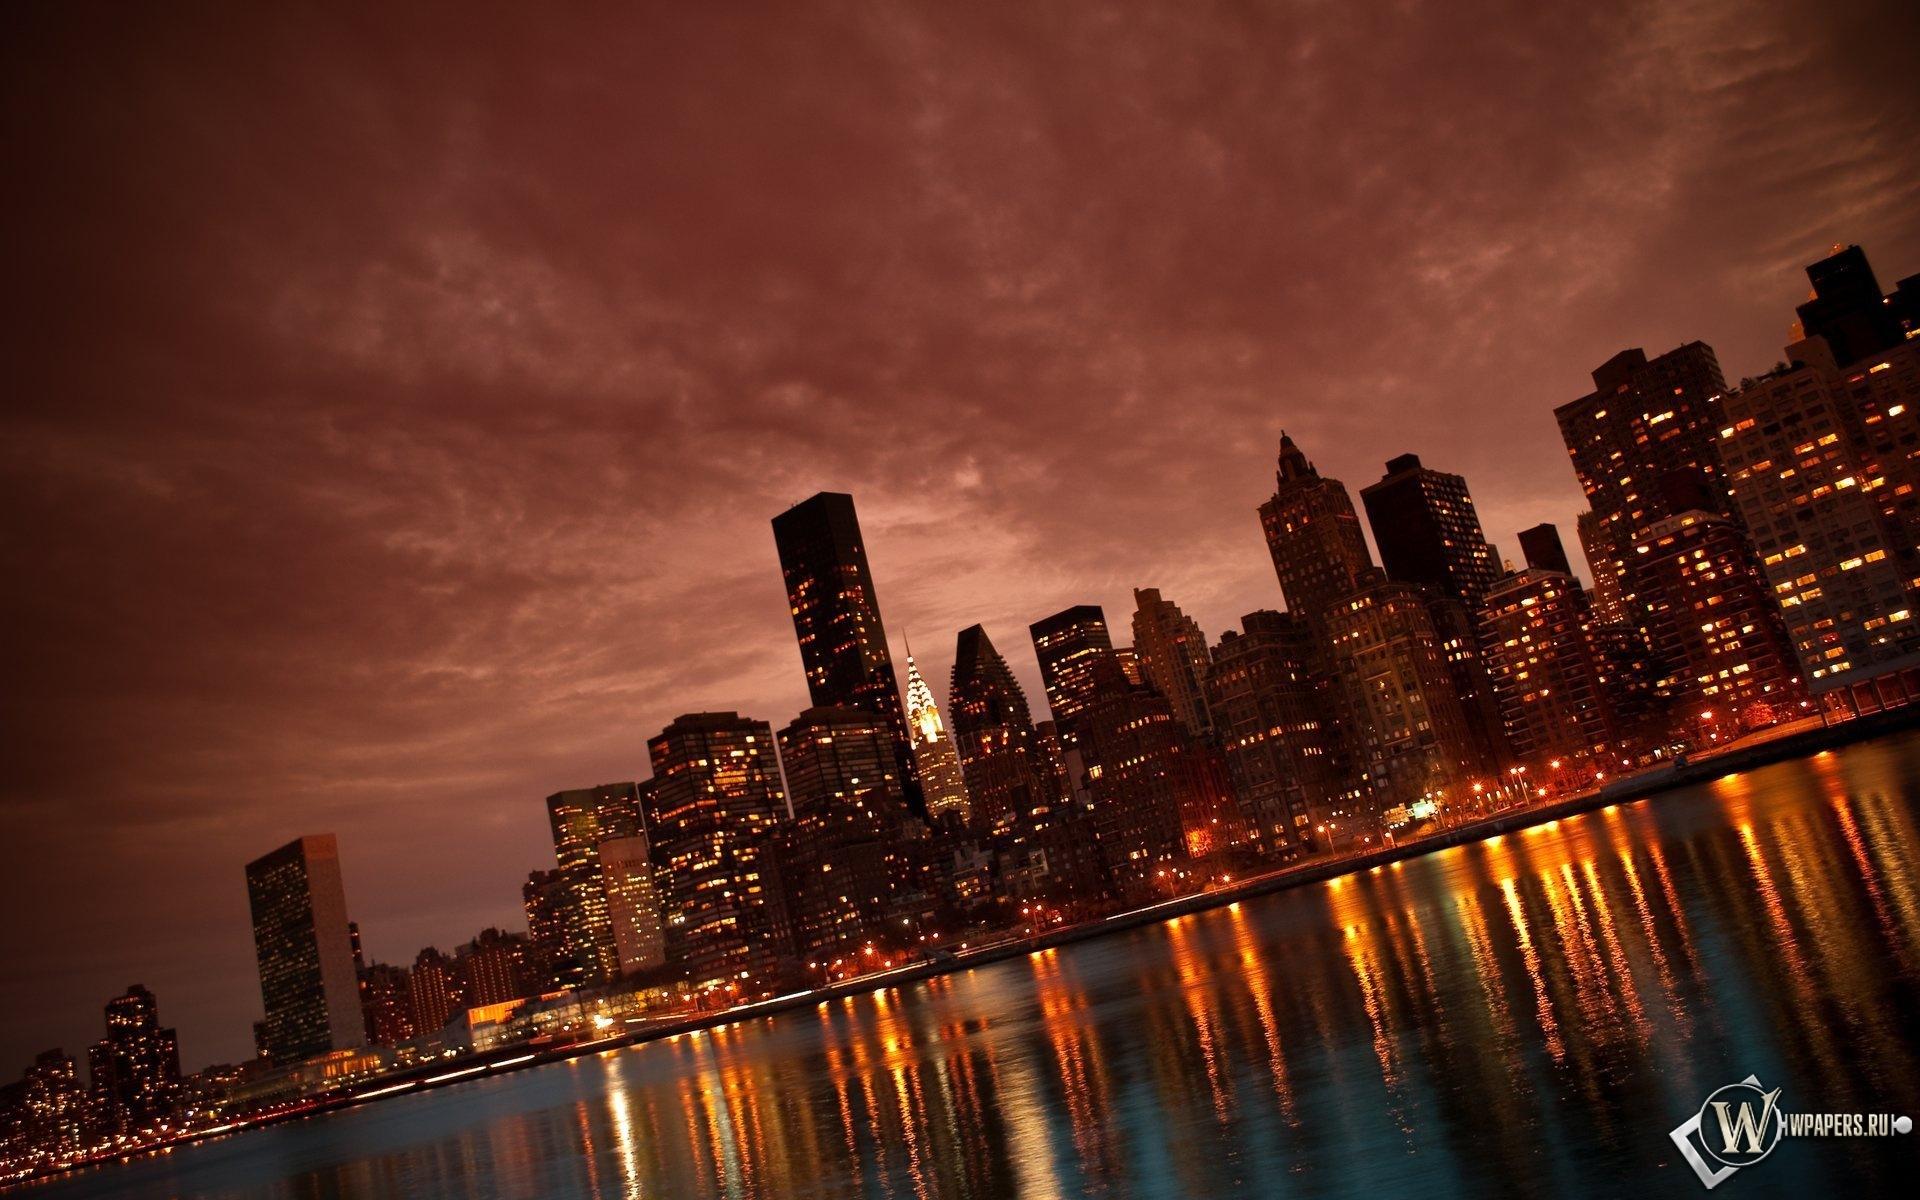 Манхэттен 1920x1200